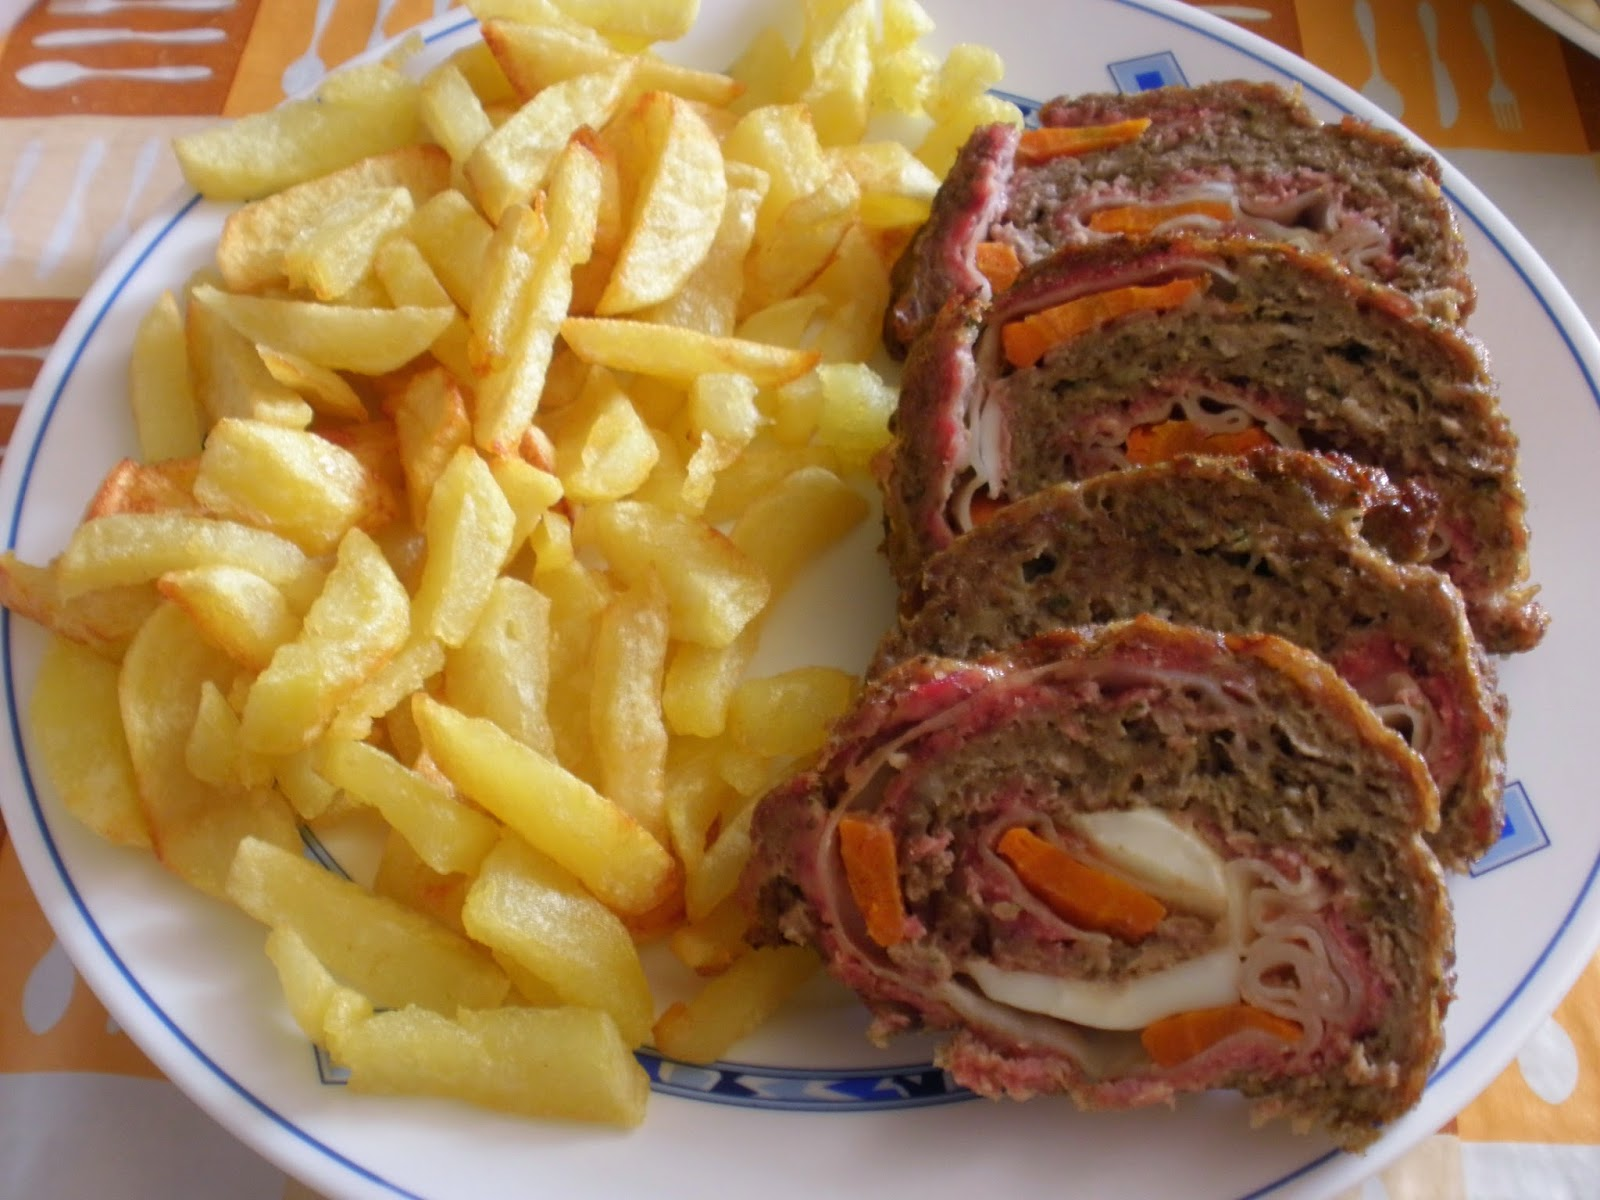 Qsabores falda rellena de carne picada - Como cocinar carne picada ...